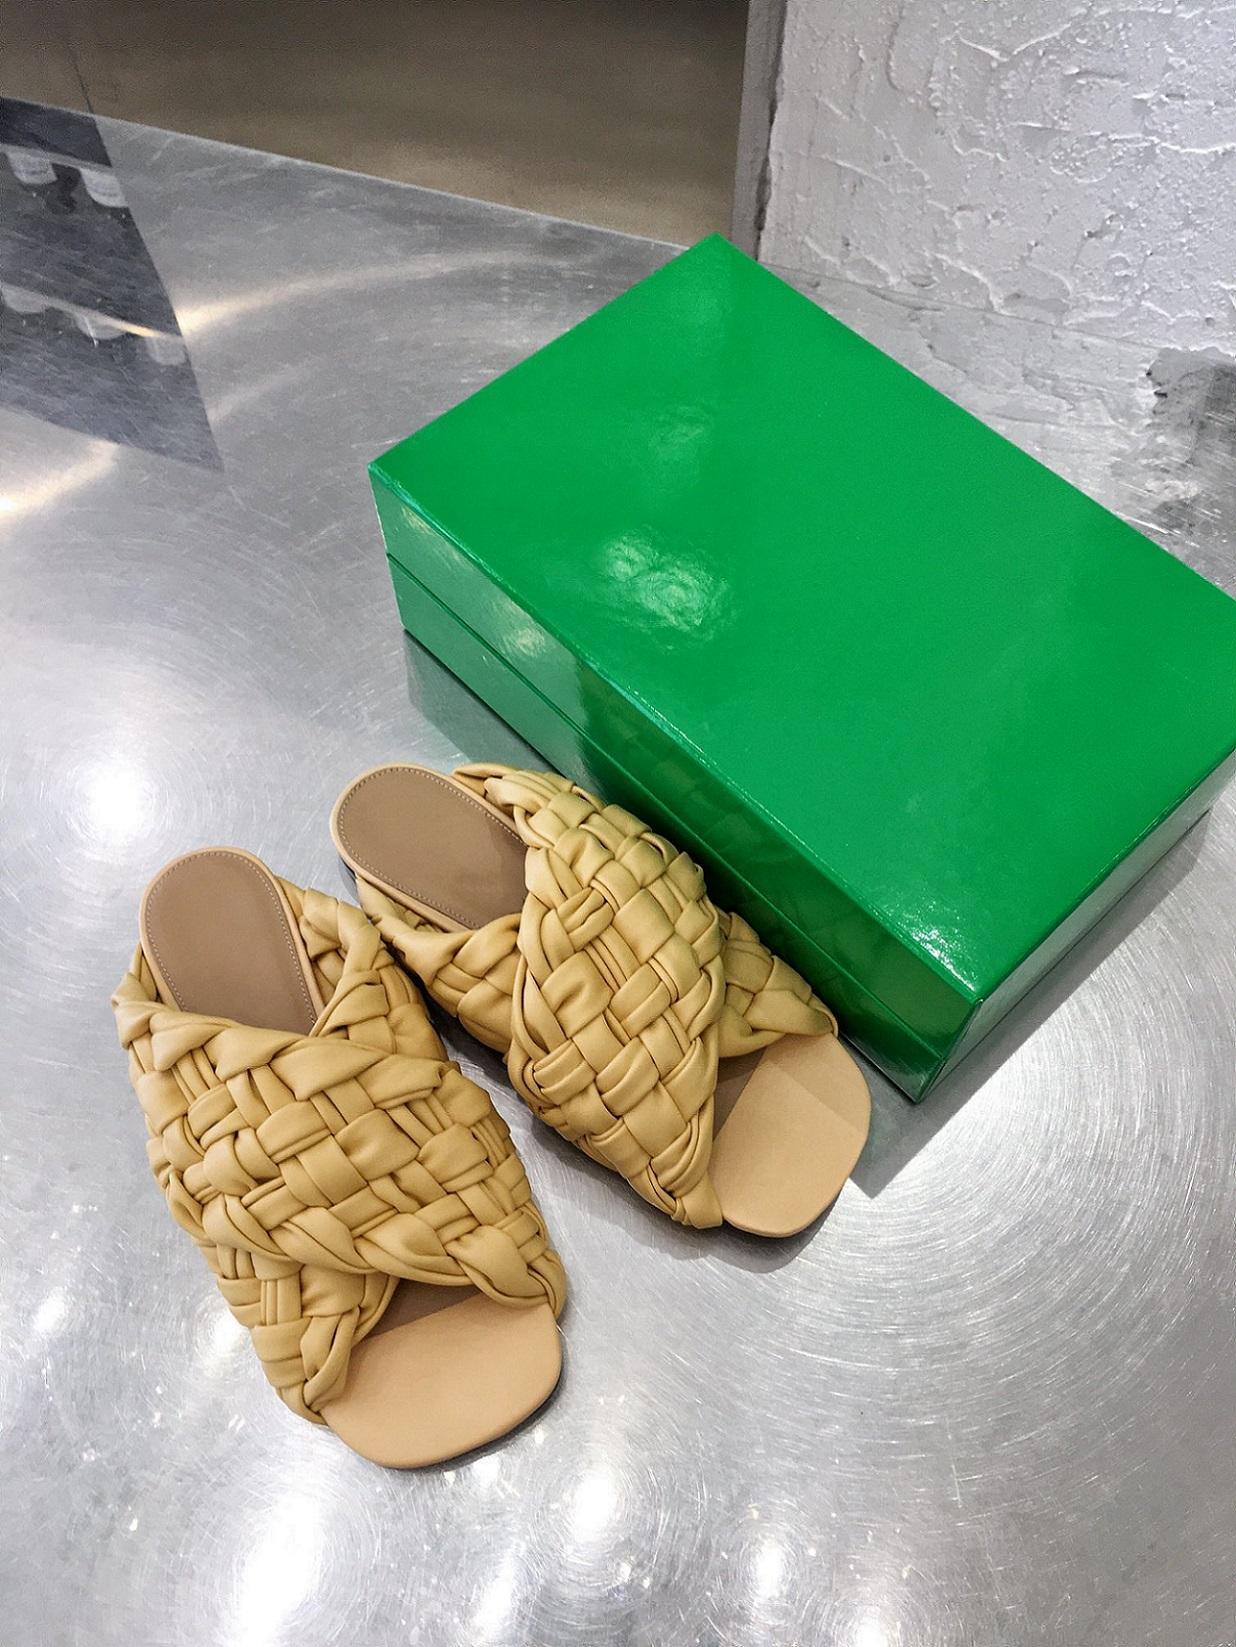 2021 Bahar ve Yaz Yeni High-end Malzeme Deri Dokuma Düz Terlik Mizaç Bayan İlkbahar Ve Yaz Tarzı Rahat Ayakkabı Terlik